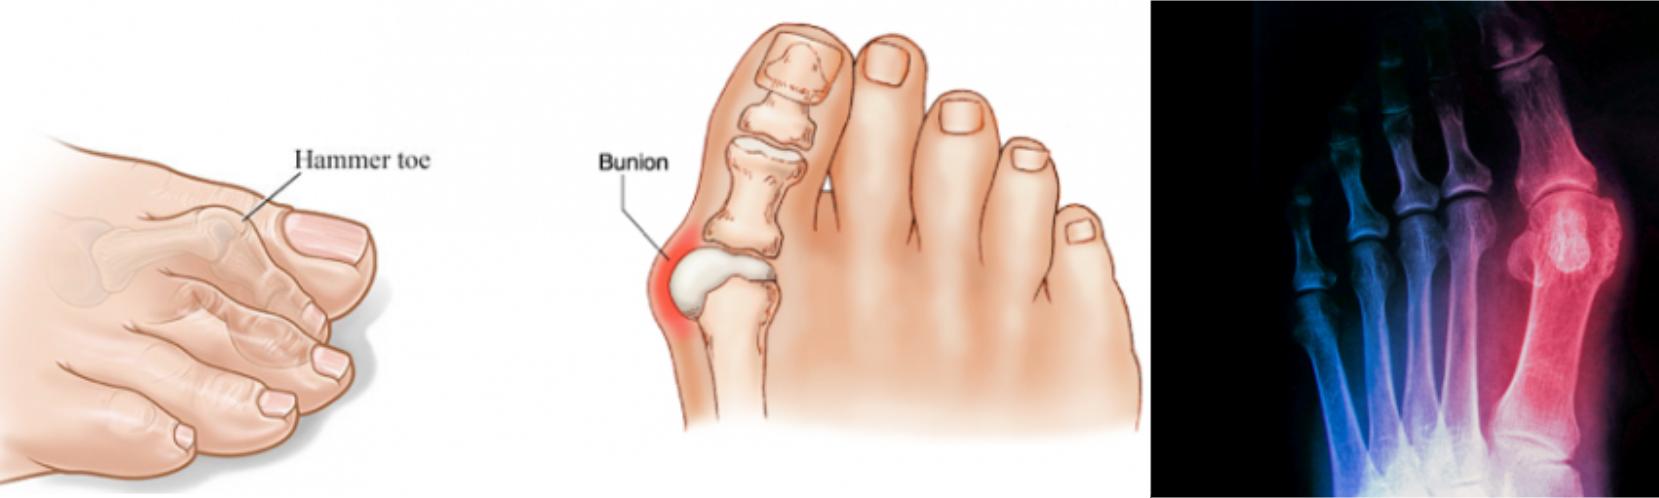 artrosis a láb kezelése)